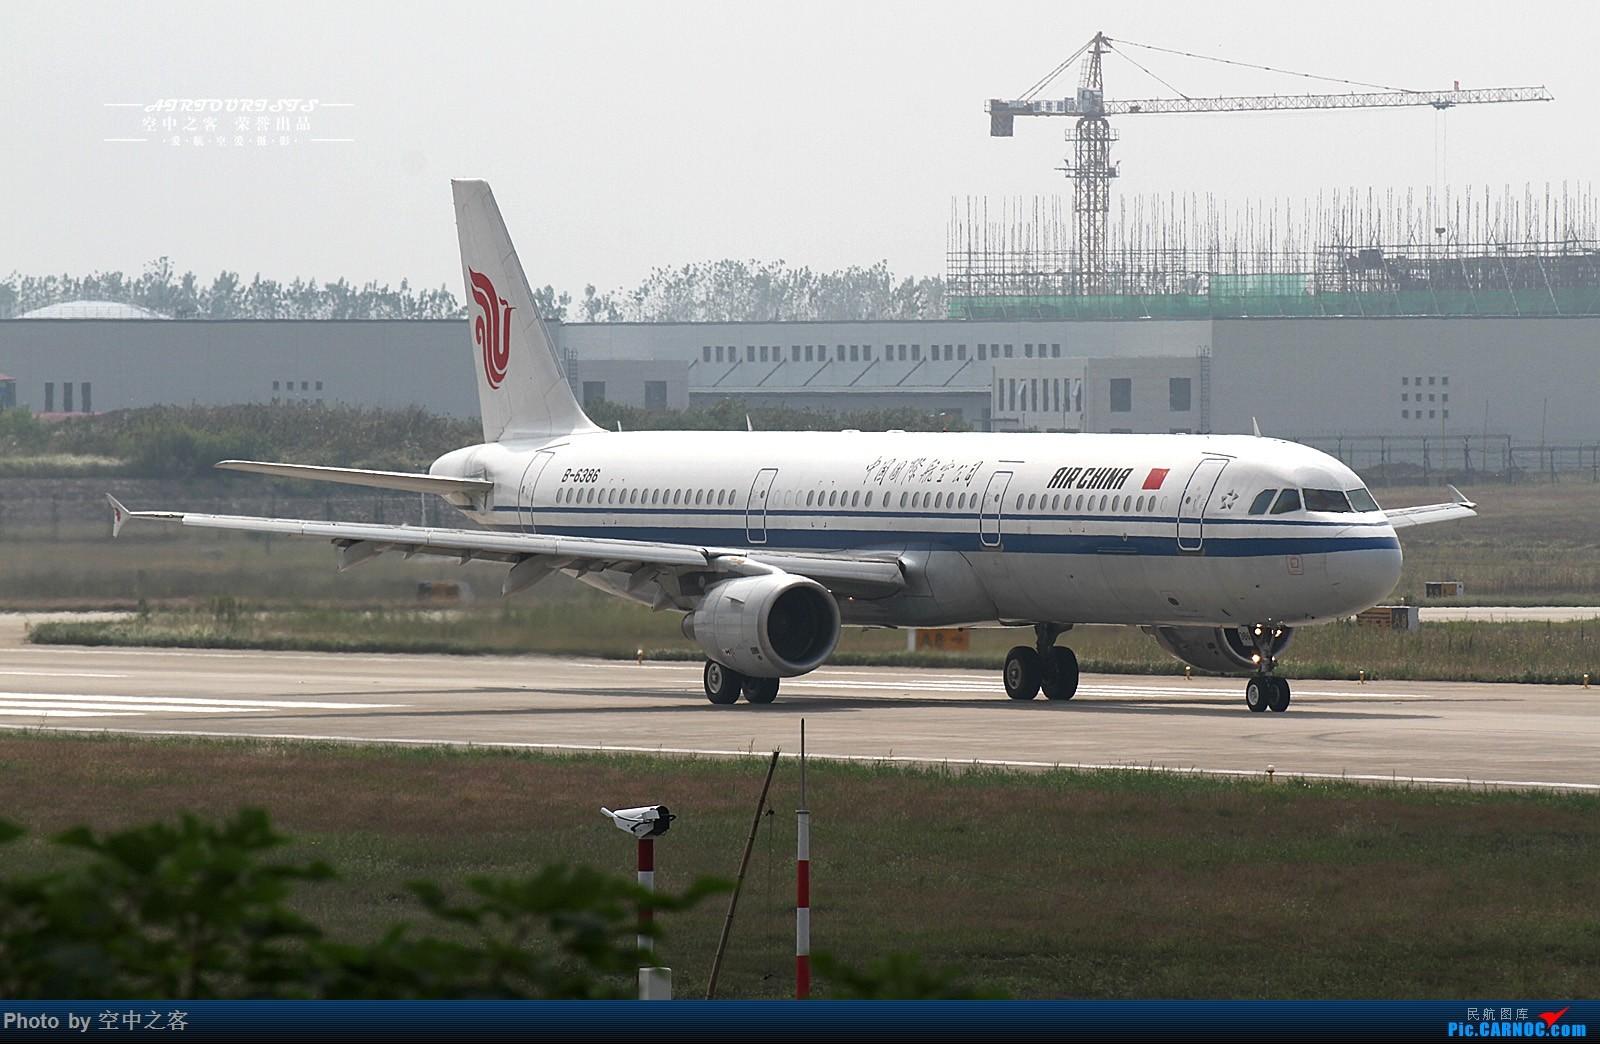 Re:[原创][合肥飞友会·霸都打机队 空中之客出品]国庆假期桥机场33跑道找了个新位置 AIRBUS A321-200 B-6386 合肥新桥国际机场